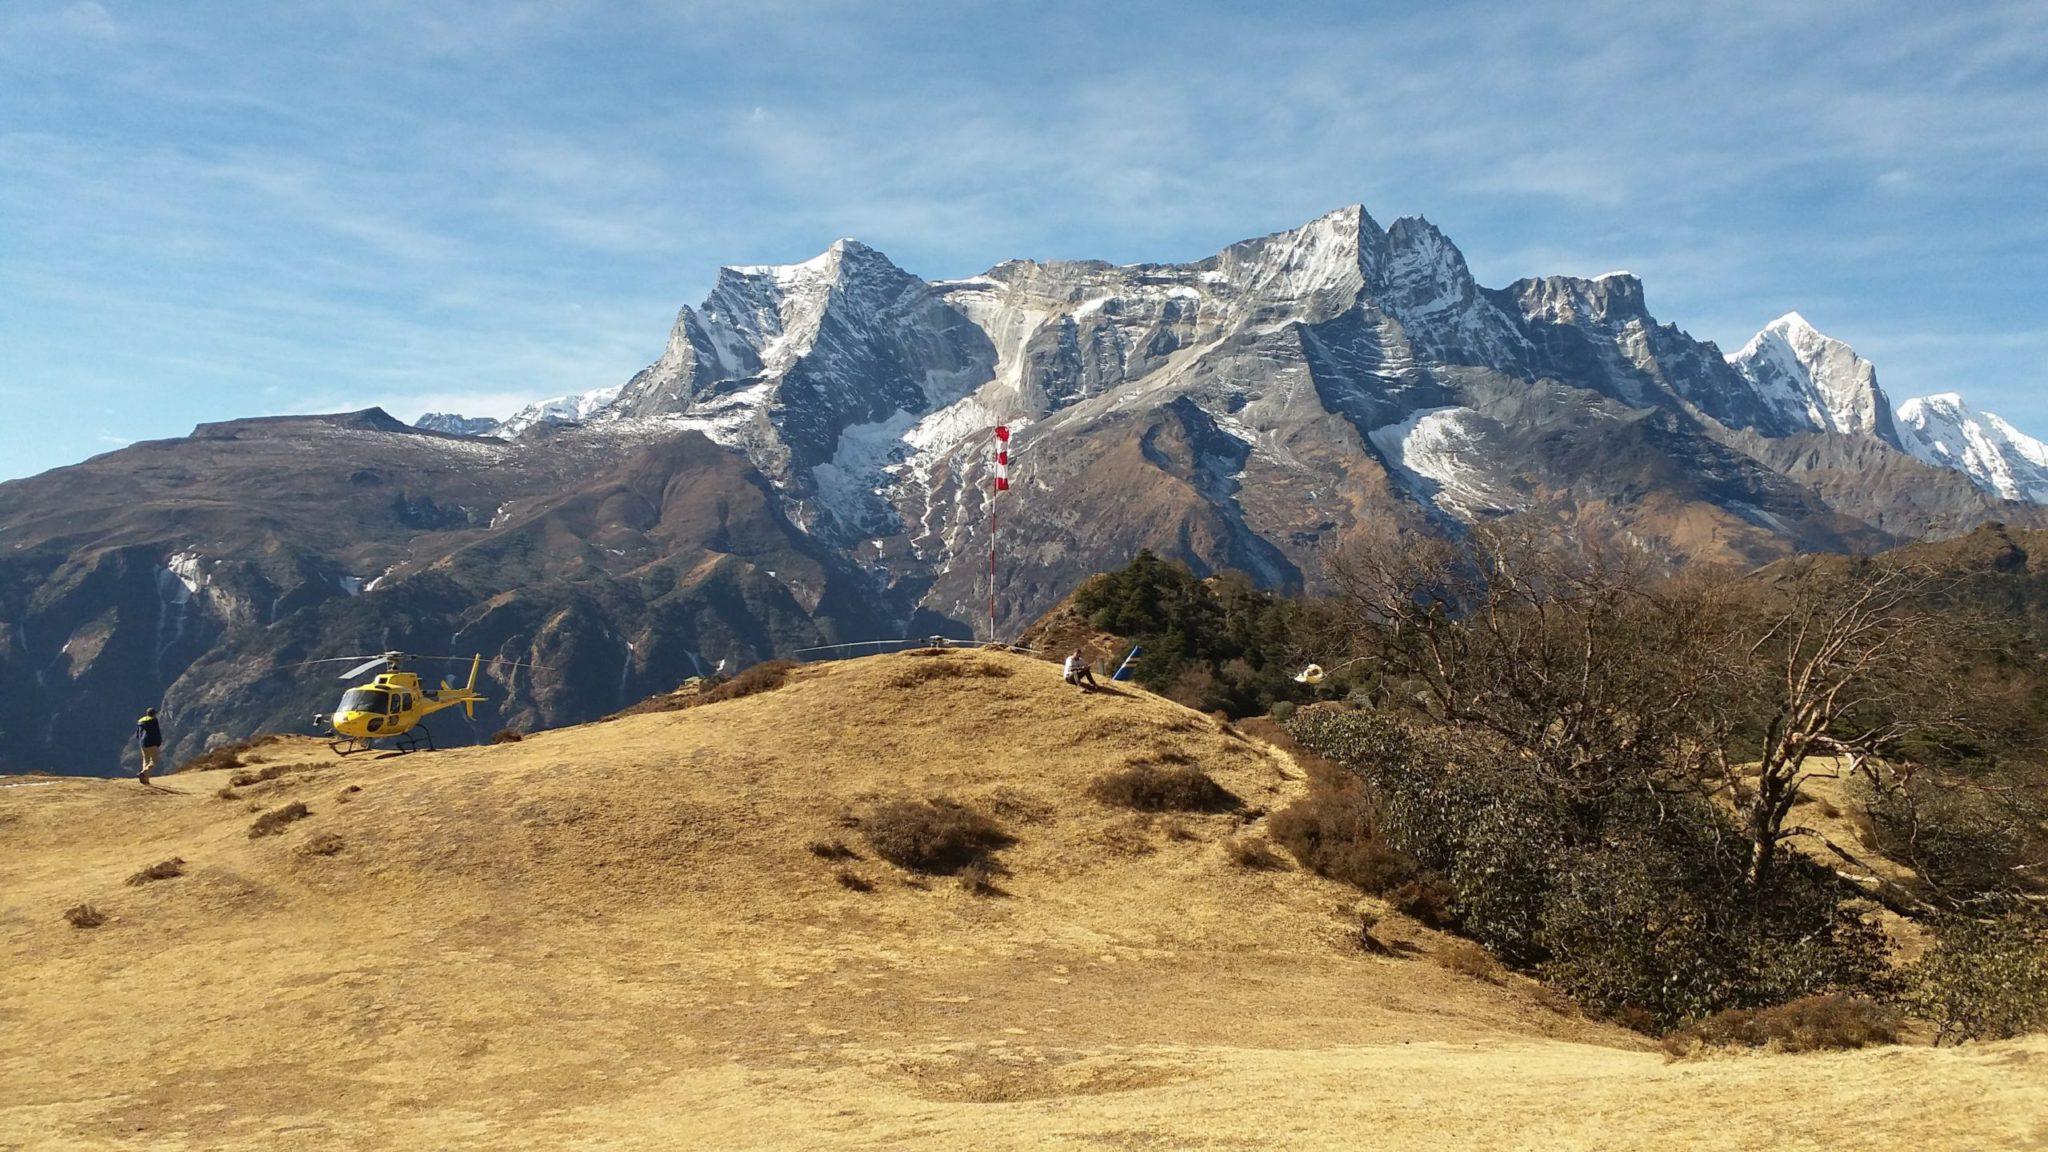 Everest Region Trek with a Cause & Khumbu Wellness Tour